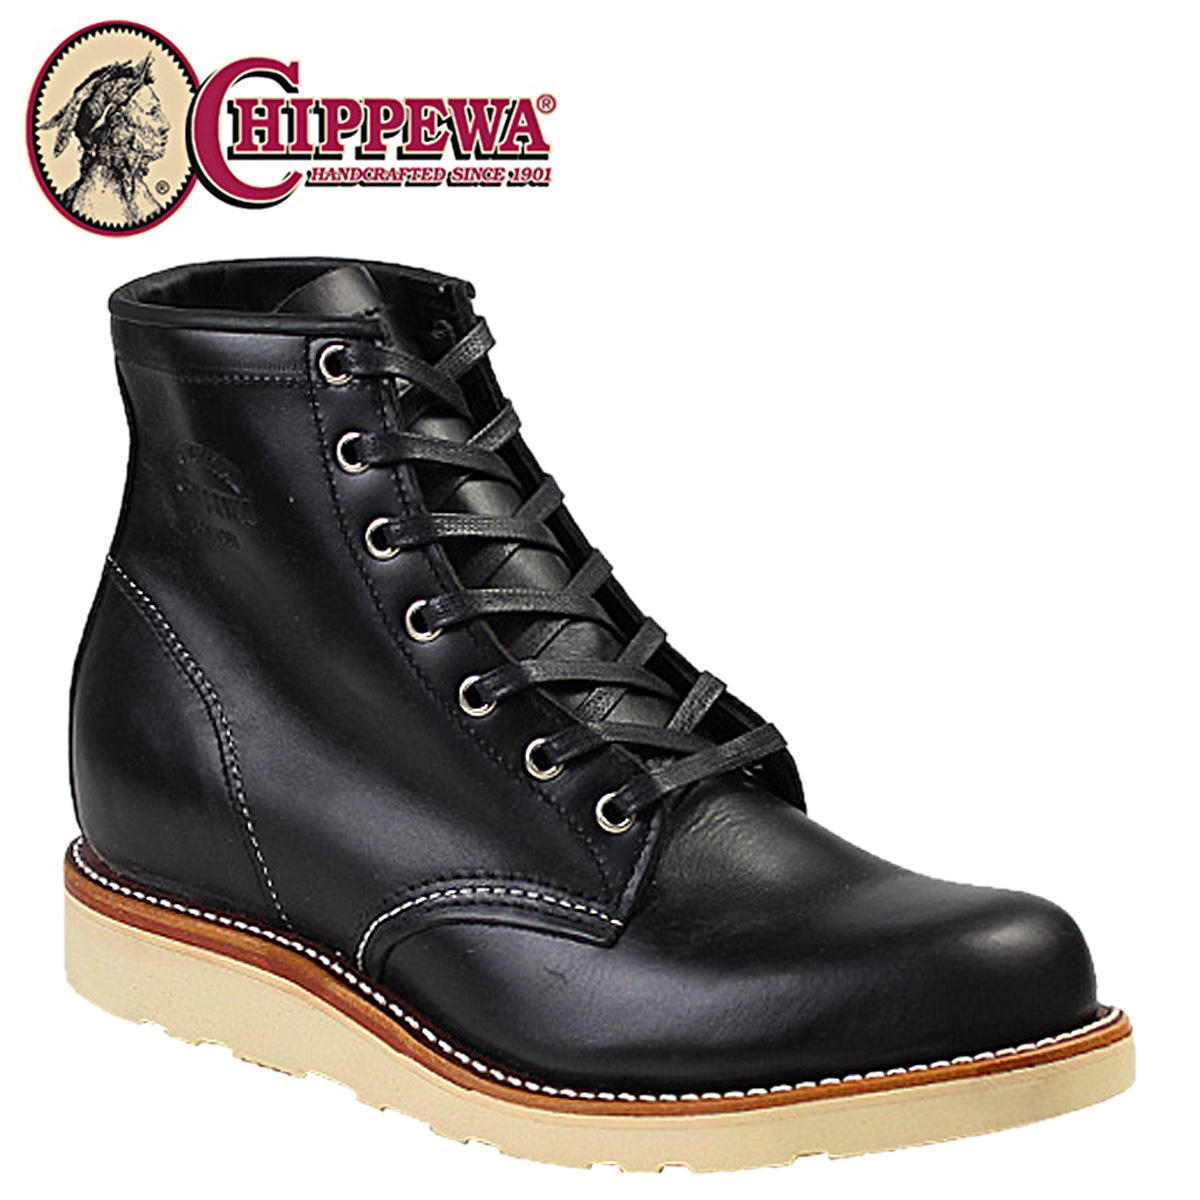 チペワ CHIPPEWA ブーツ 6インチ プレーン トゥ ウェッジ 6INCH PLAIN TOE WEDGE 1901M15 Dワイズ ブラック メンズ [3/30 再入荷]